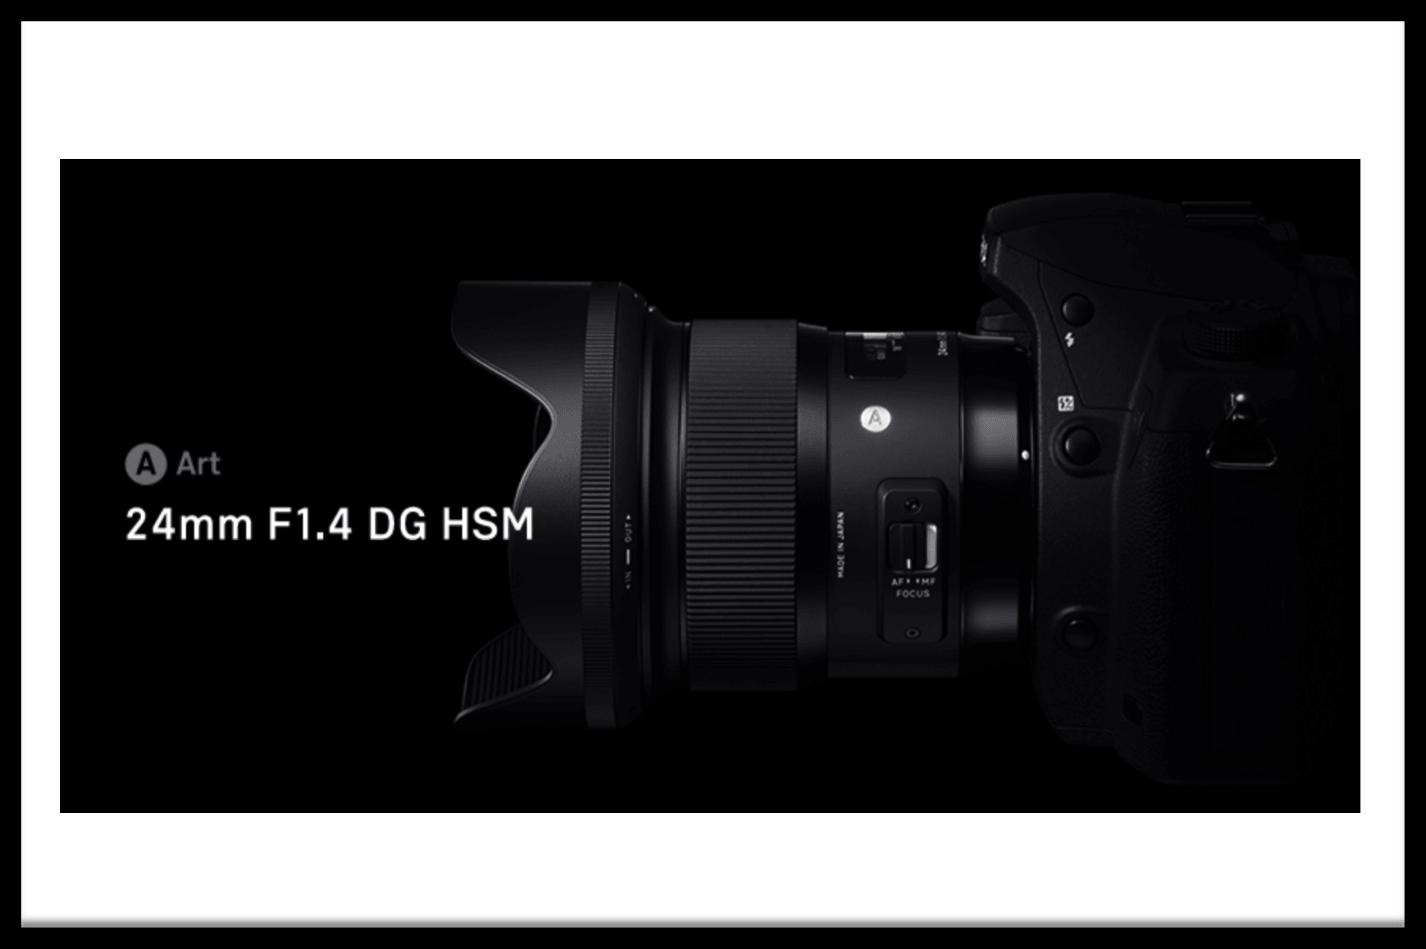 SIGMA 24mm F1.4 DG HSM Artモデルがついに発表!旧モデルも良いが、断然買い換えたいスーパレンズだと思う!